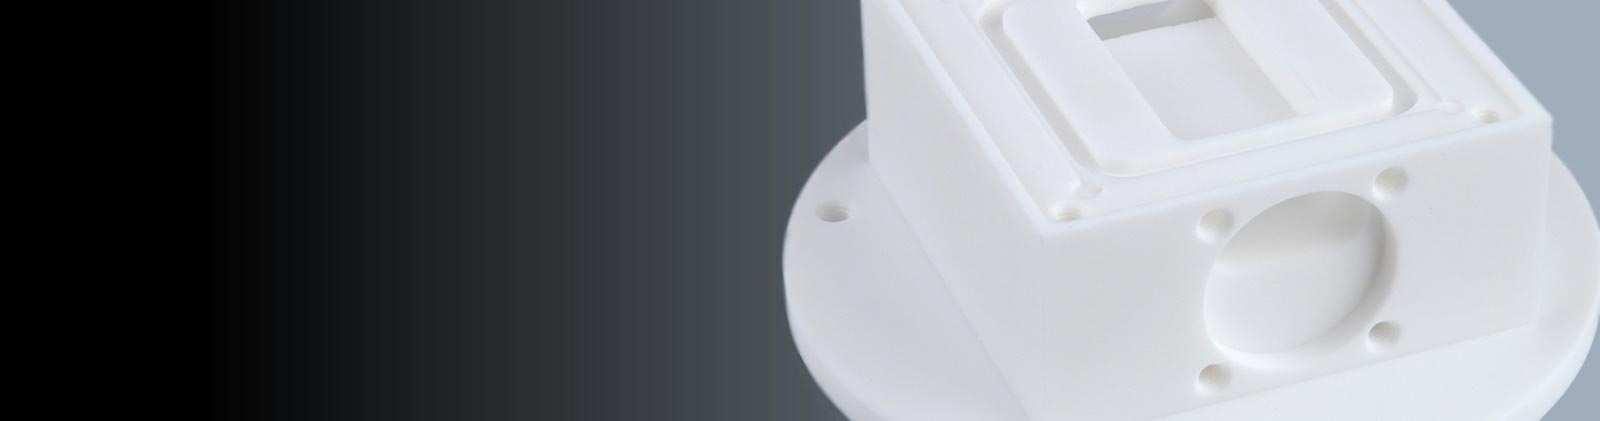 Unser umfangreiches Sortiment an technischen Keramiken.